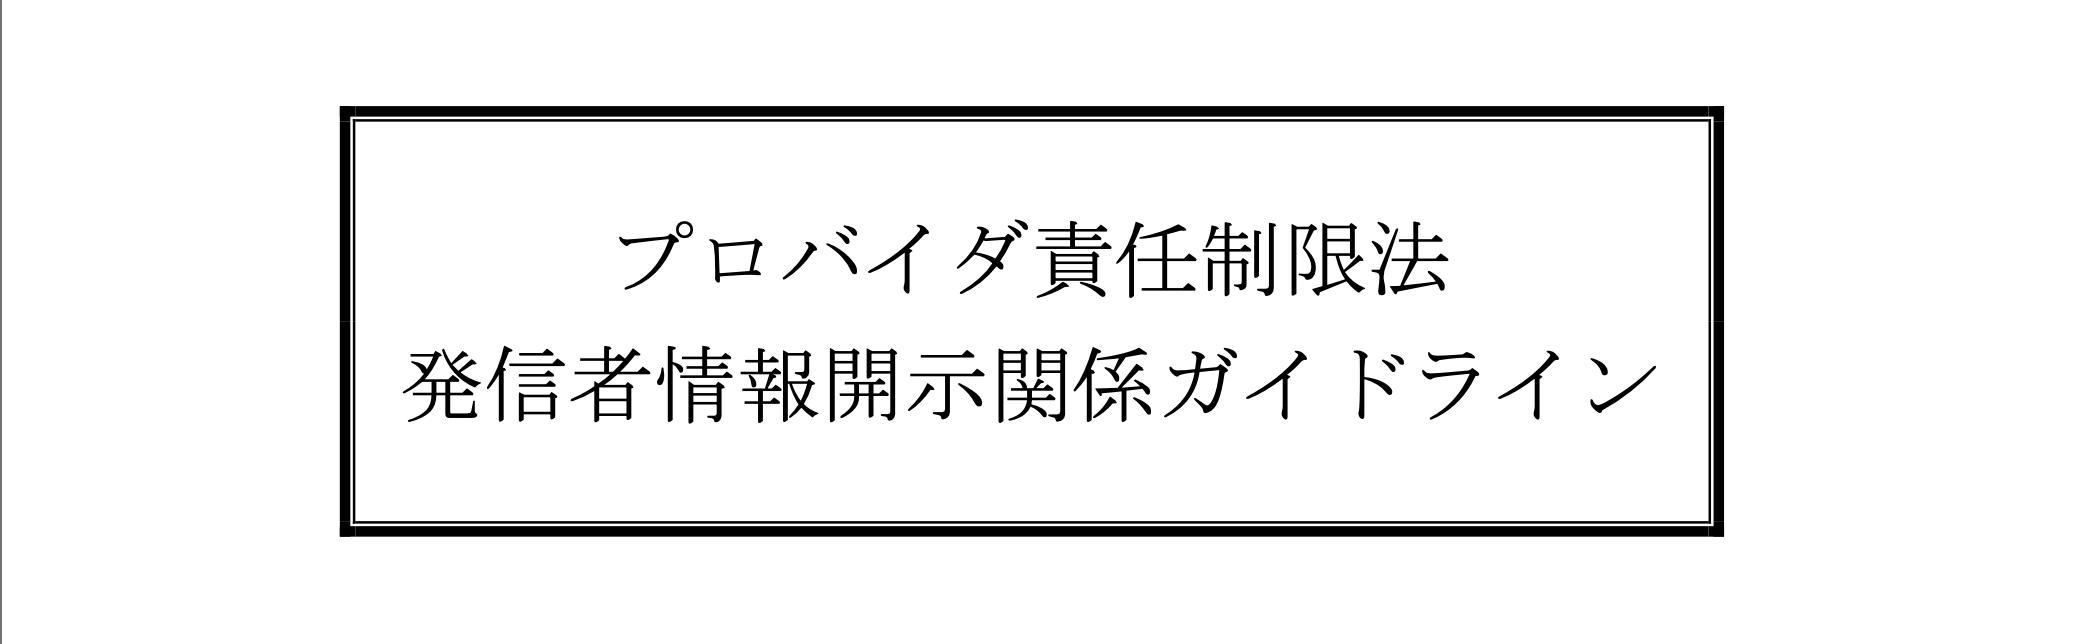 田岡プロバイダ責任法1